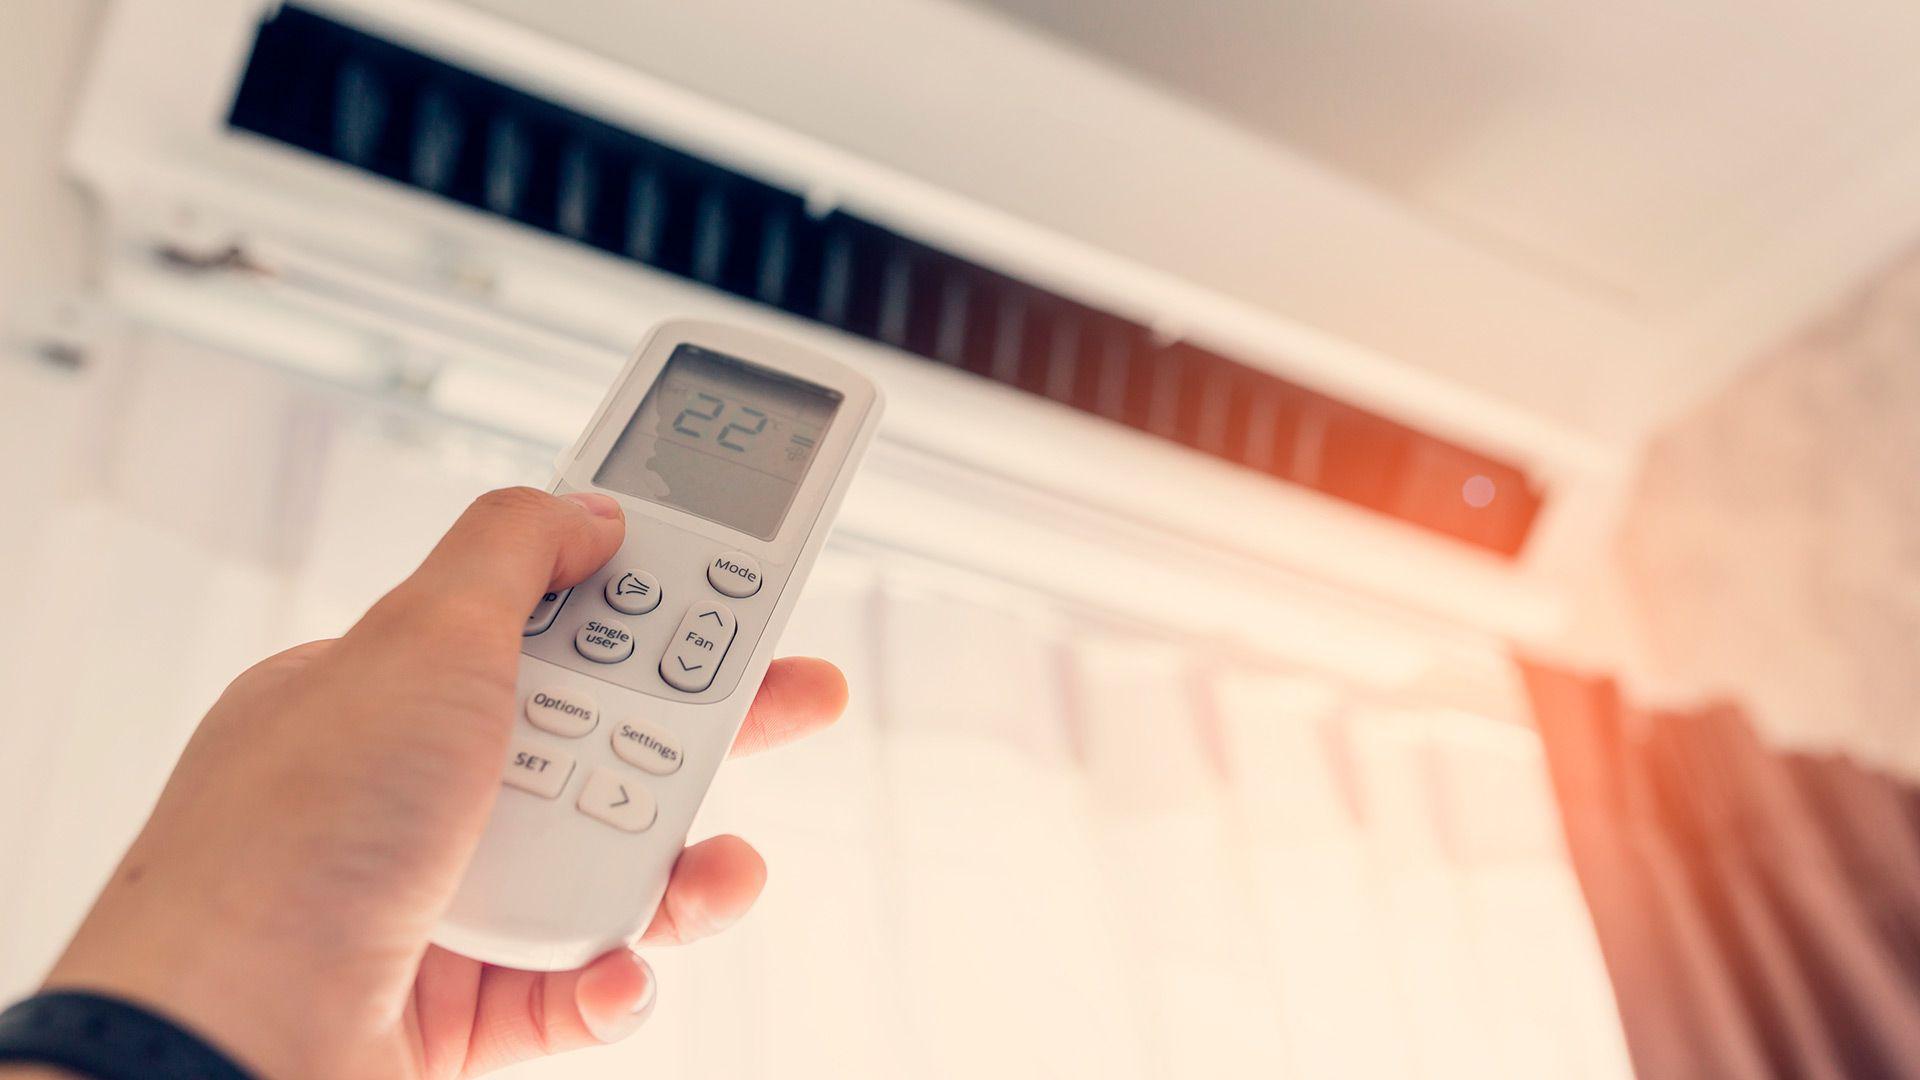 En cuanto al uso del aire acondicionado a la hora de dormir, la recomendación es mantener la temperatura regulada entre 24 y 27ºC (Shutterstock)